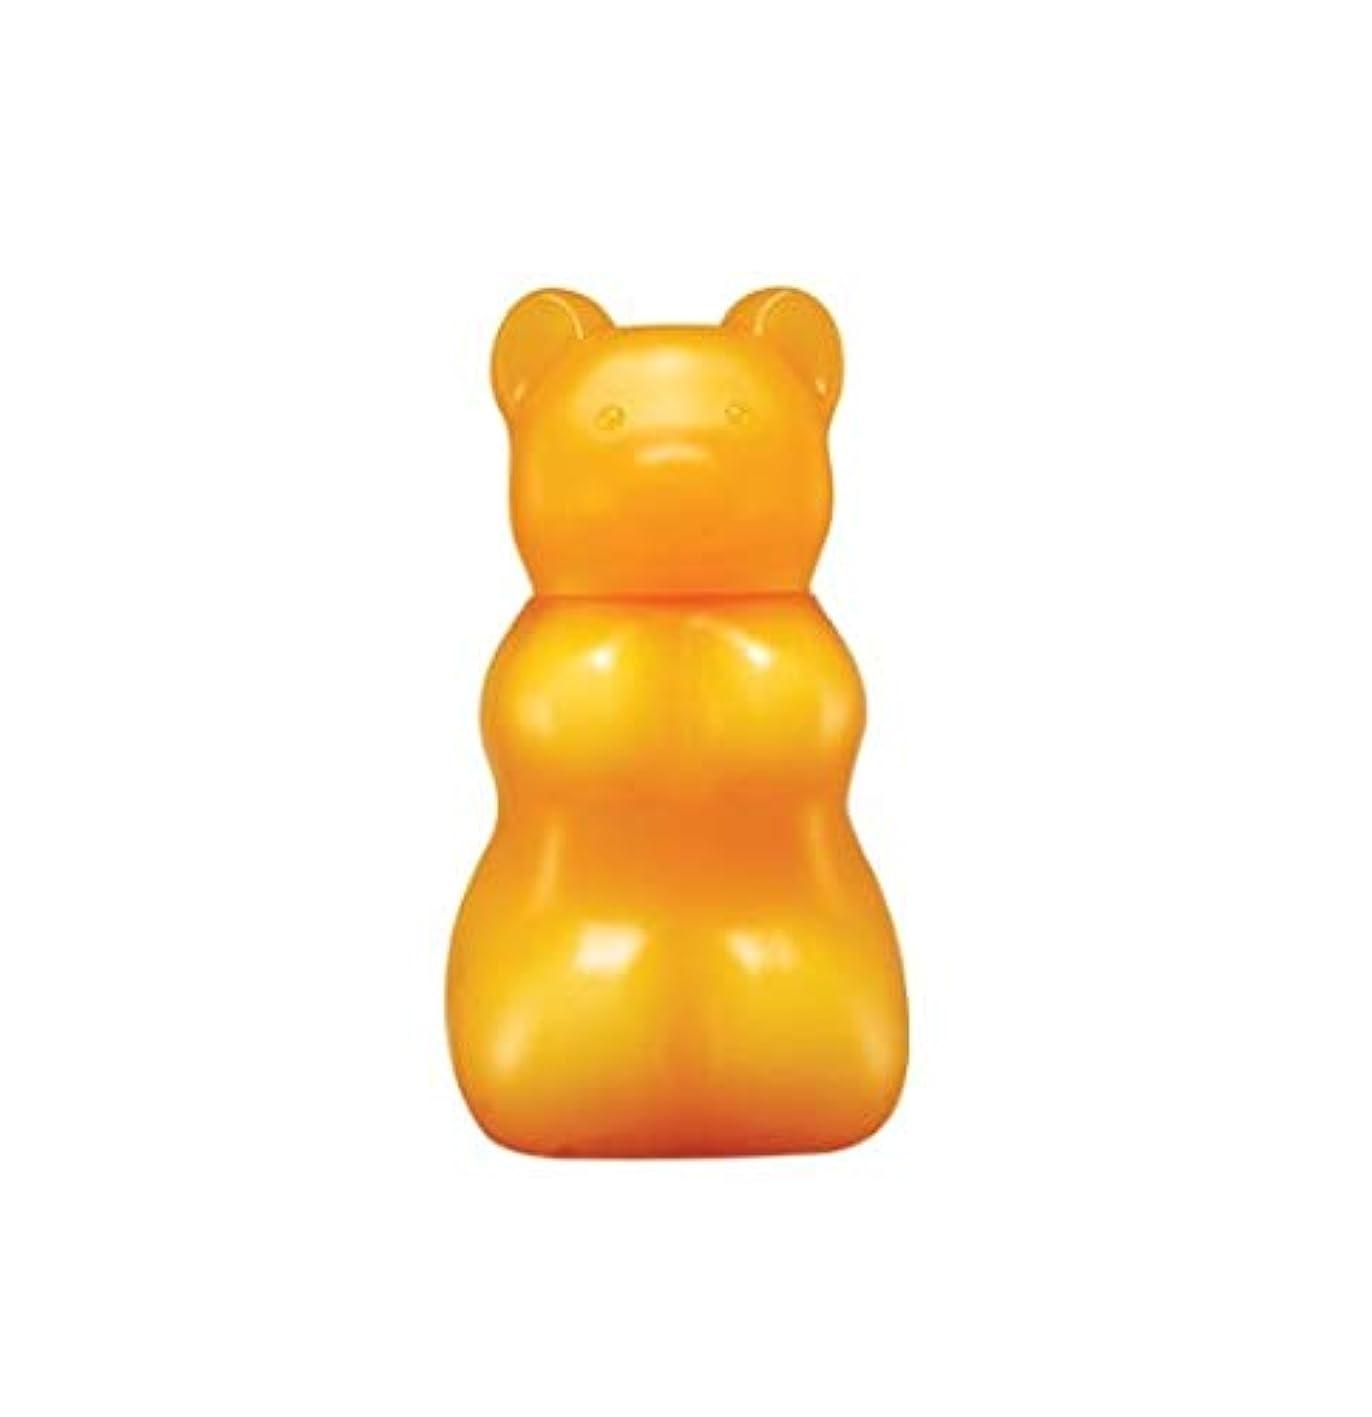 懐疑的家畜フライトSkinfood グミベアゼリークリーンジェル(アップル)#オレンジ(ハンドクリーム) / Gummy Bear Jelly Clean Gel (Apple) #Orange (Hand Cream) 45ml [並行輸入品]